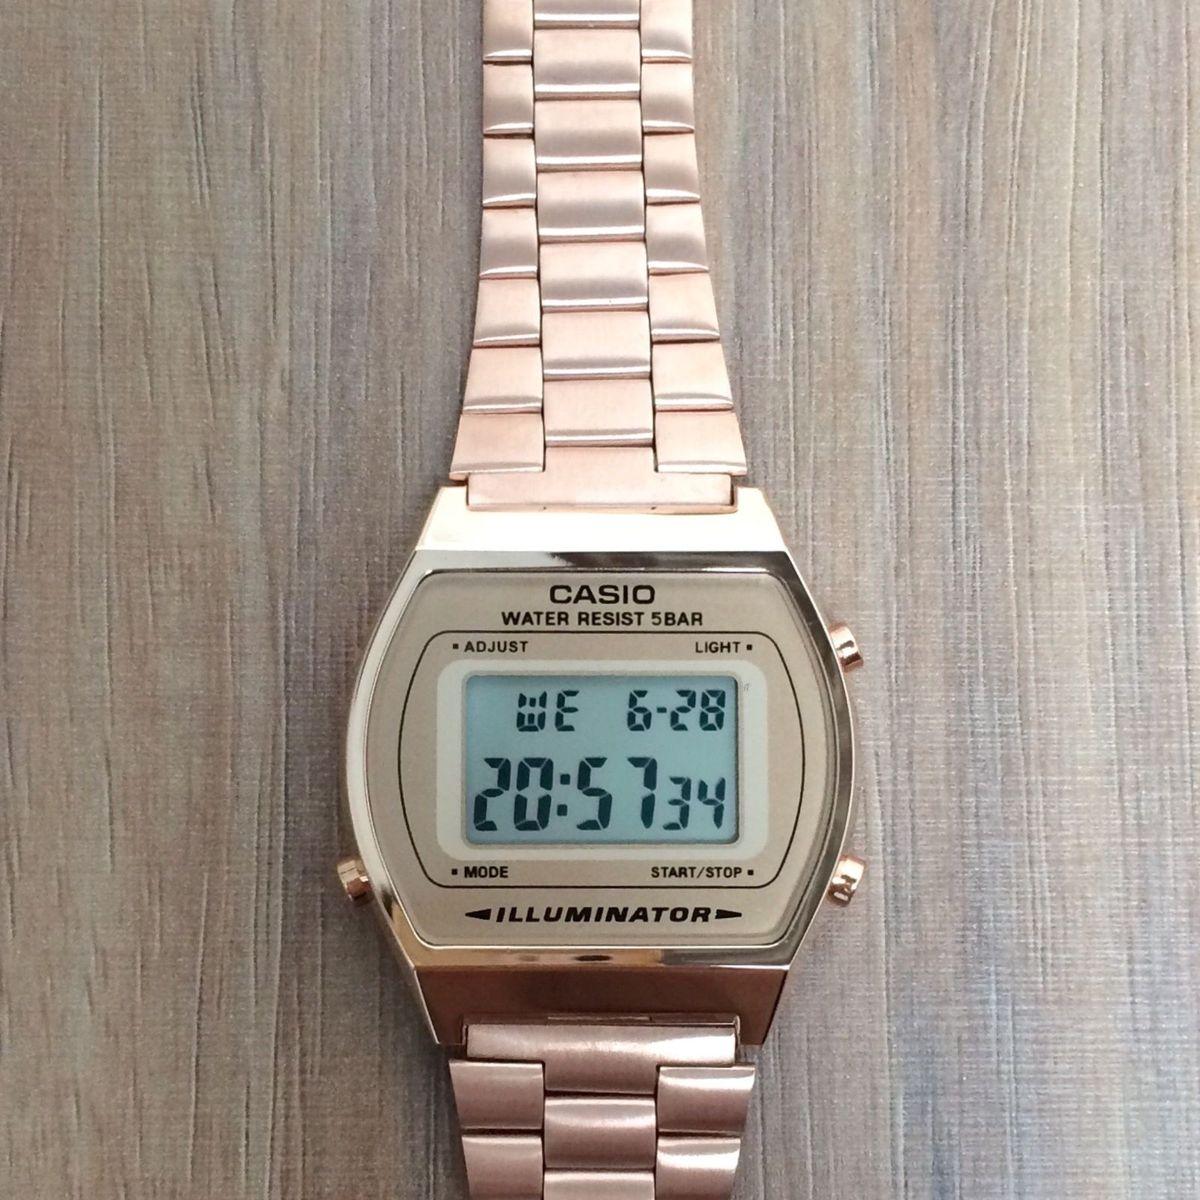 5625a8097 casio b640 rose - relógios casio.  Czm6ly9wag90b3muzw5qb2vplmnvbs5ici9wcm9kdwn0cy82ody1mdq2lzezzdhmmgrmmzk5zjzmymqzowvmnwvimmq0mtlhmdazlmpwzw  ...